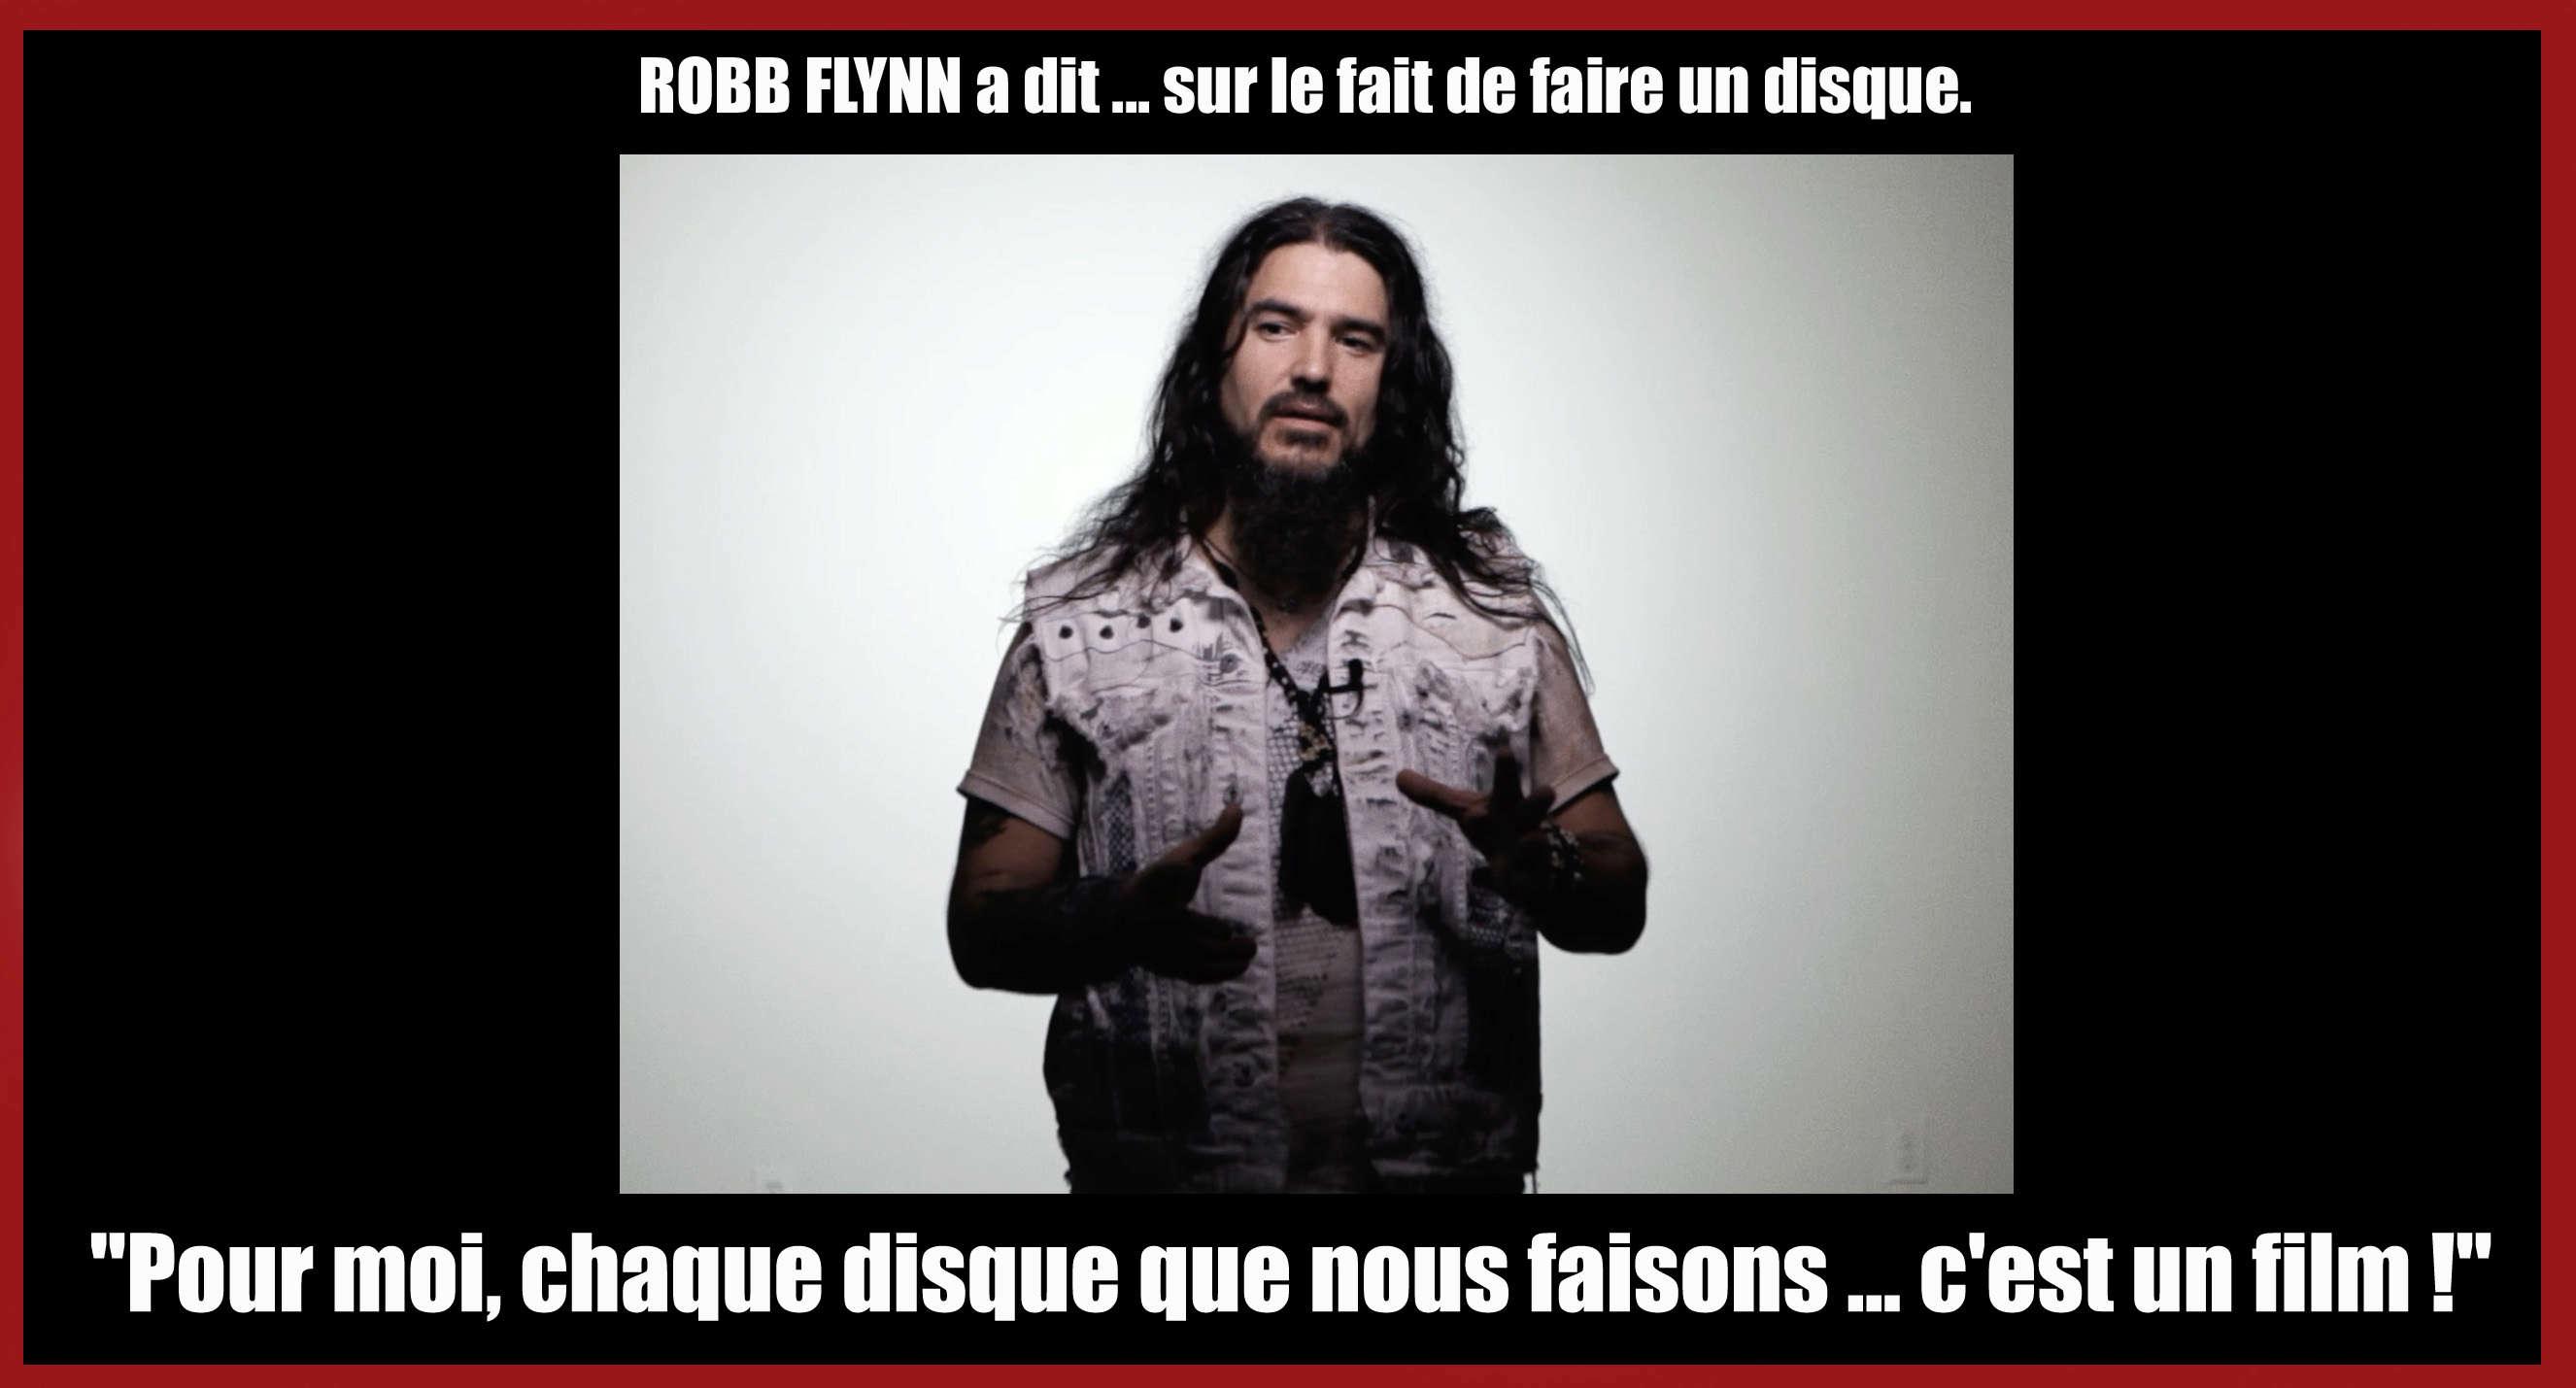 ROBB FLYNN (Machine Head) a dit ... sur le fait de faire un disque. Sans_t53